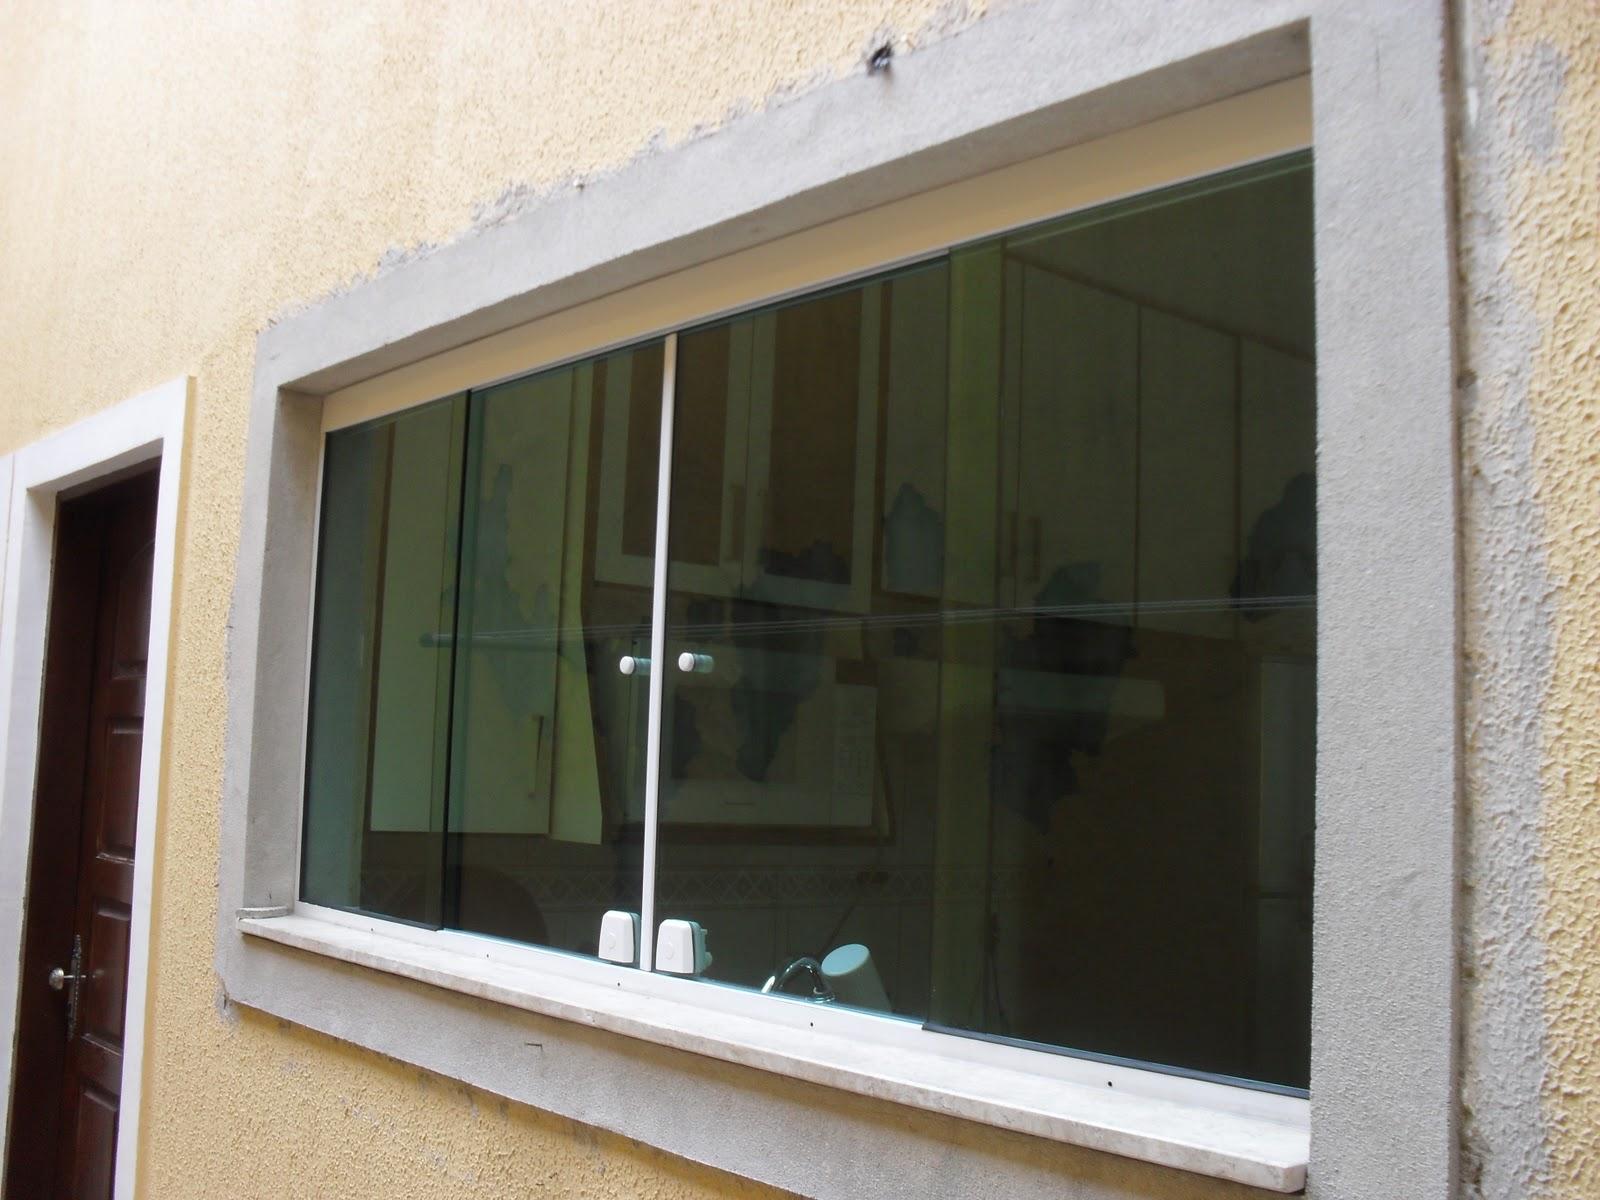 #856D46 Alumiglass Vidraçaria: Janelas em Vidro Temperado 350 Janelas De Vidro Temperado Preço Rj